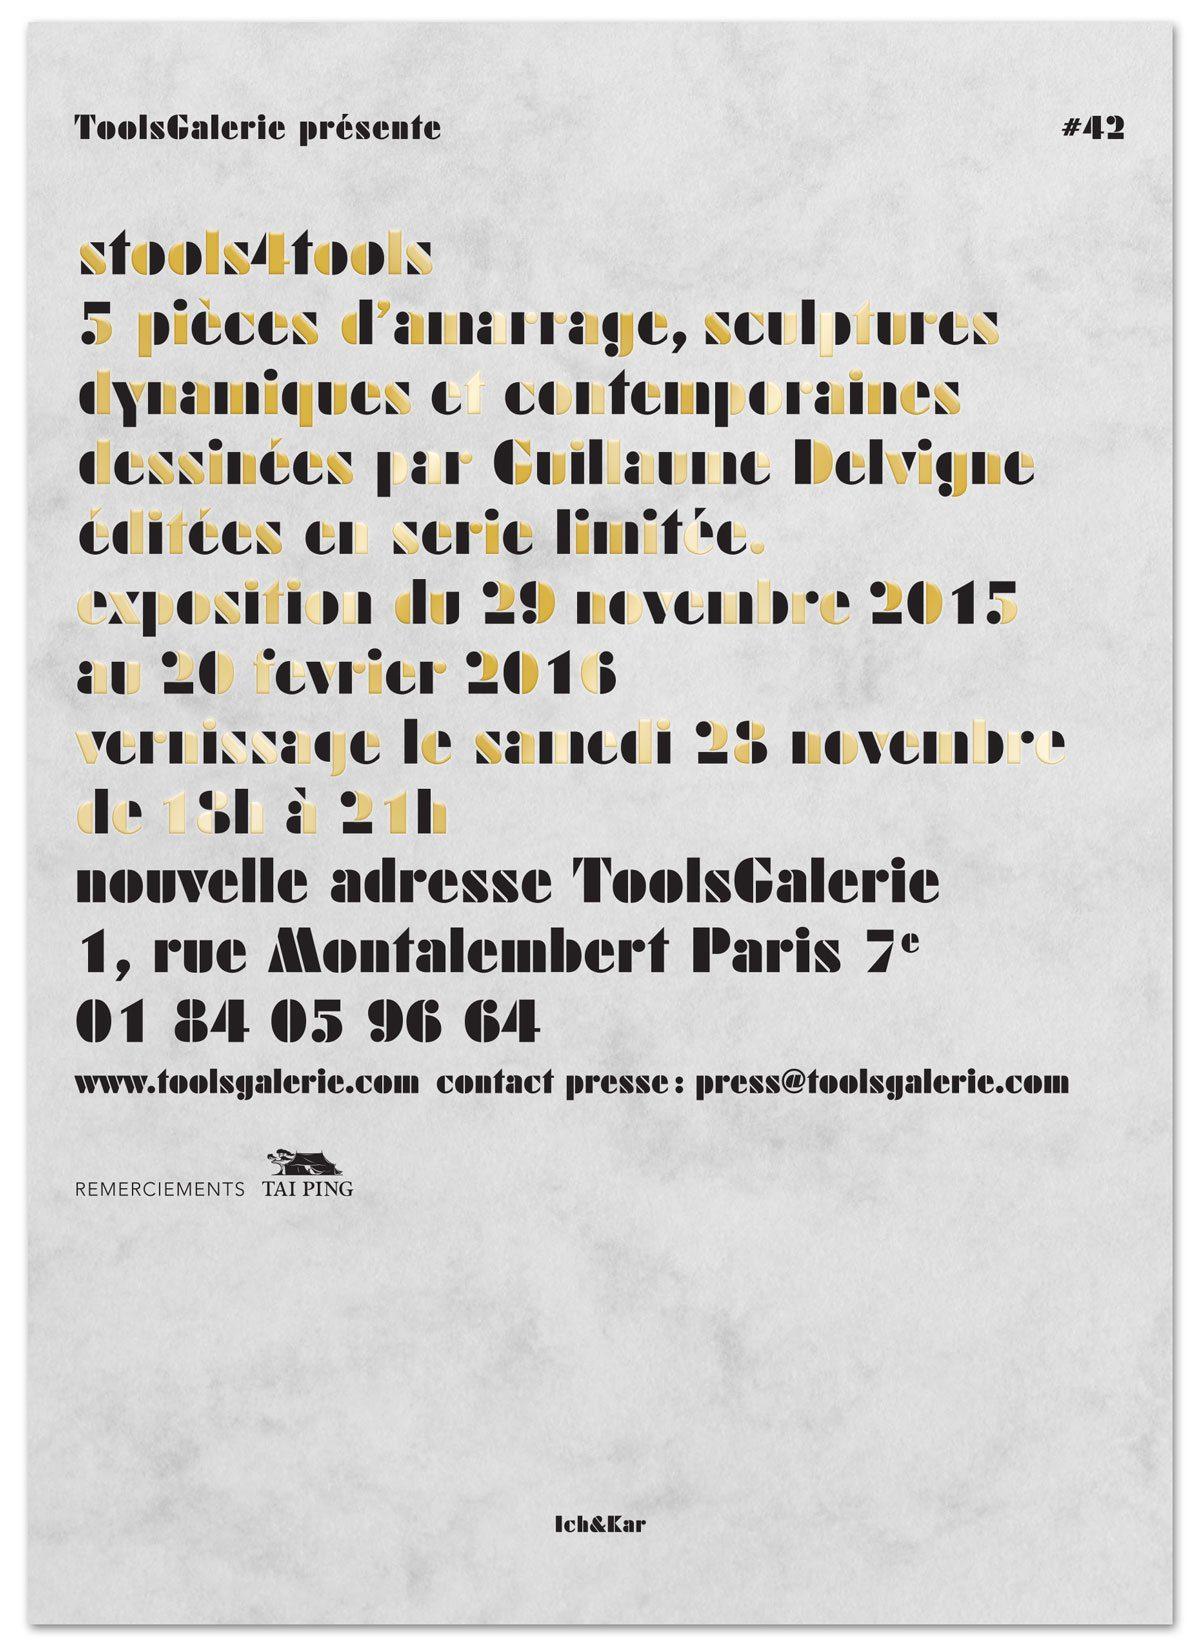 Le carton d'invitation pour l'exposition Stools4Tool de Guillaume Delvigne, impression sur papier marbre et dorure à chaud, design IchetKar